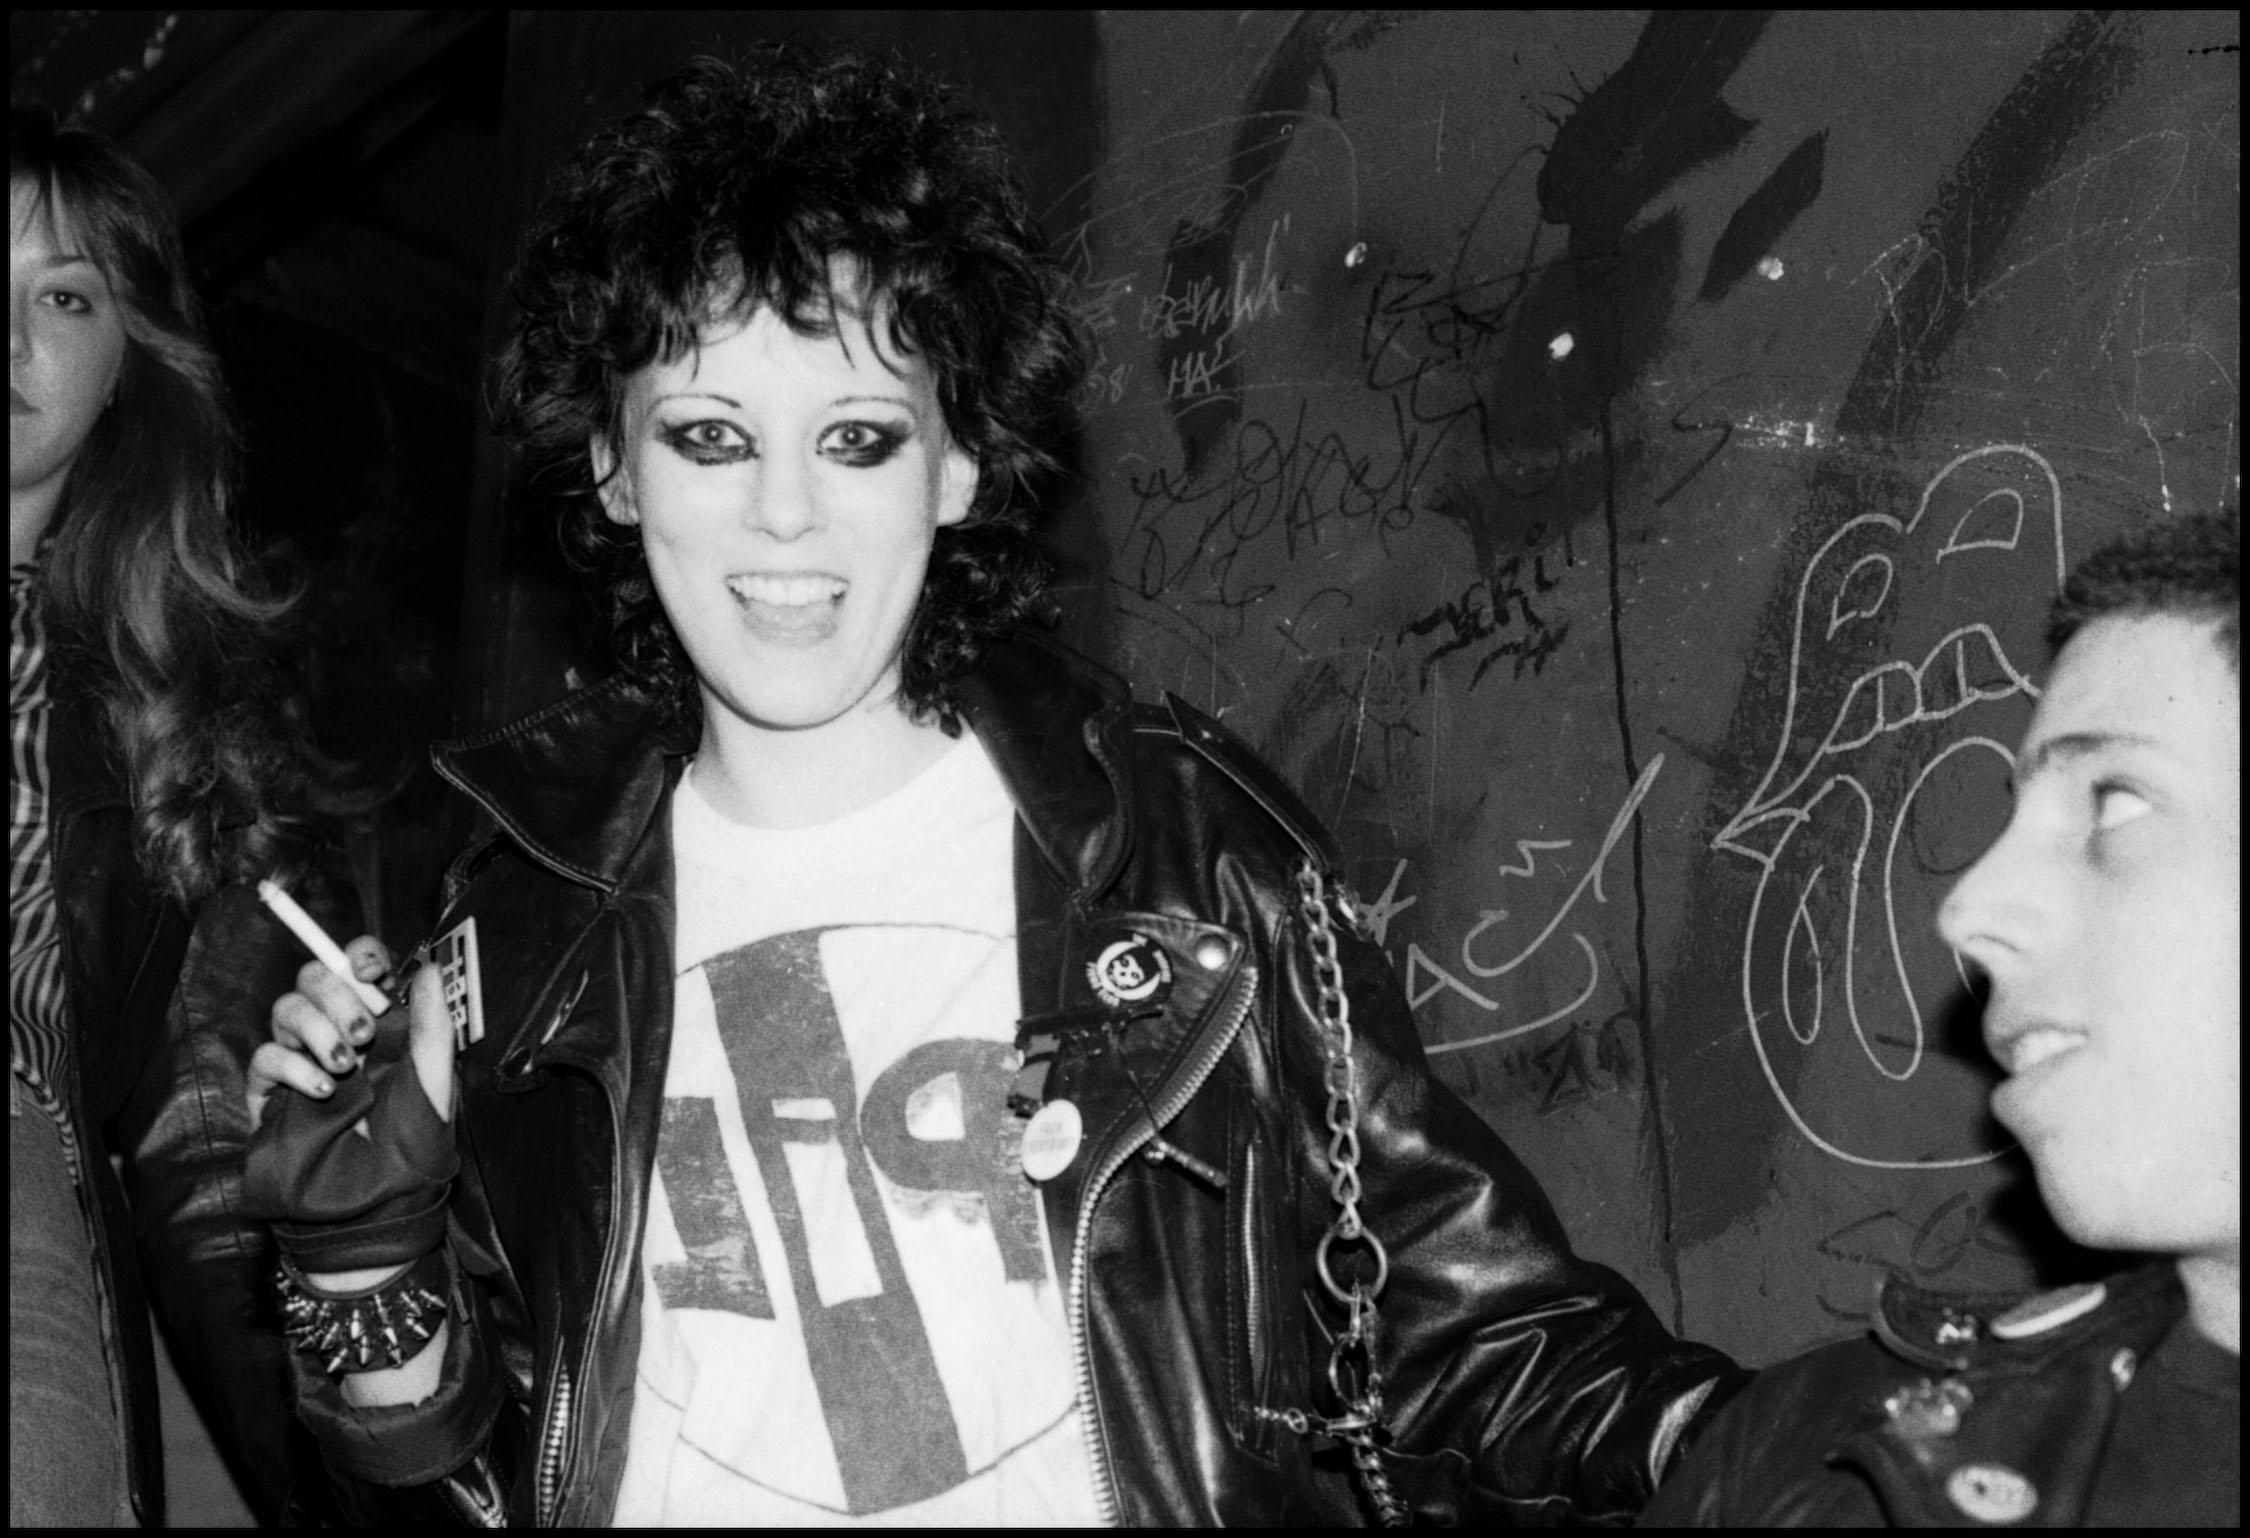 A7 Club, 1982